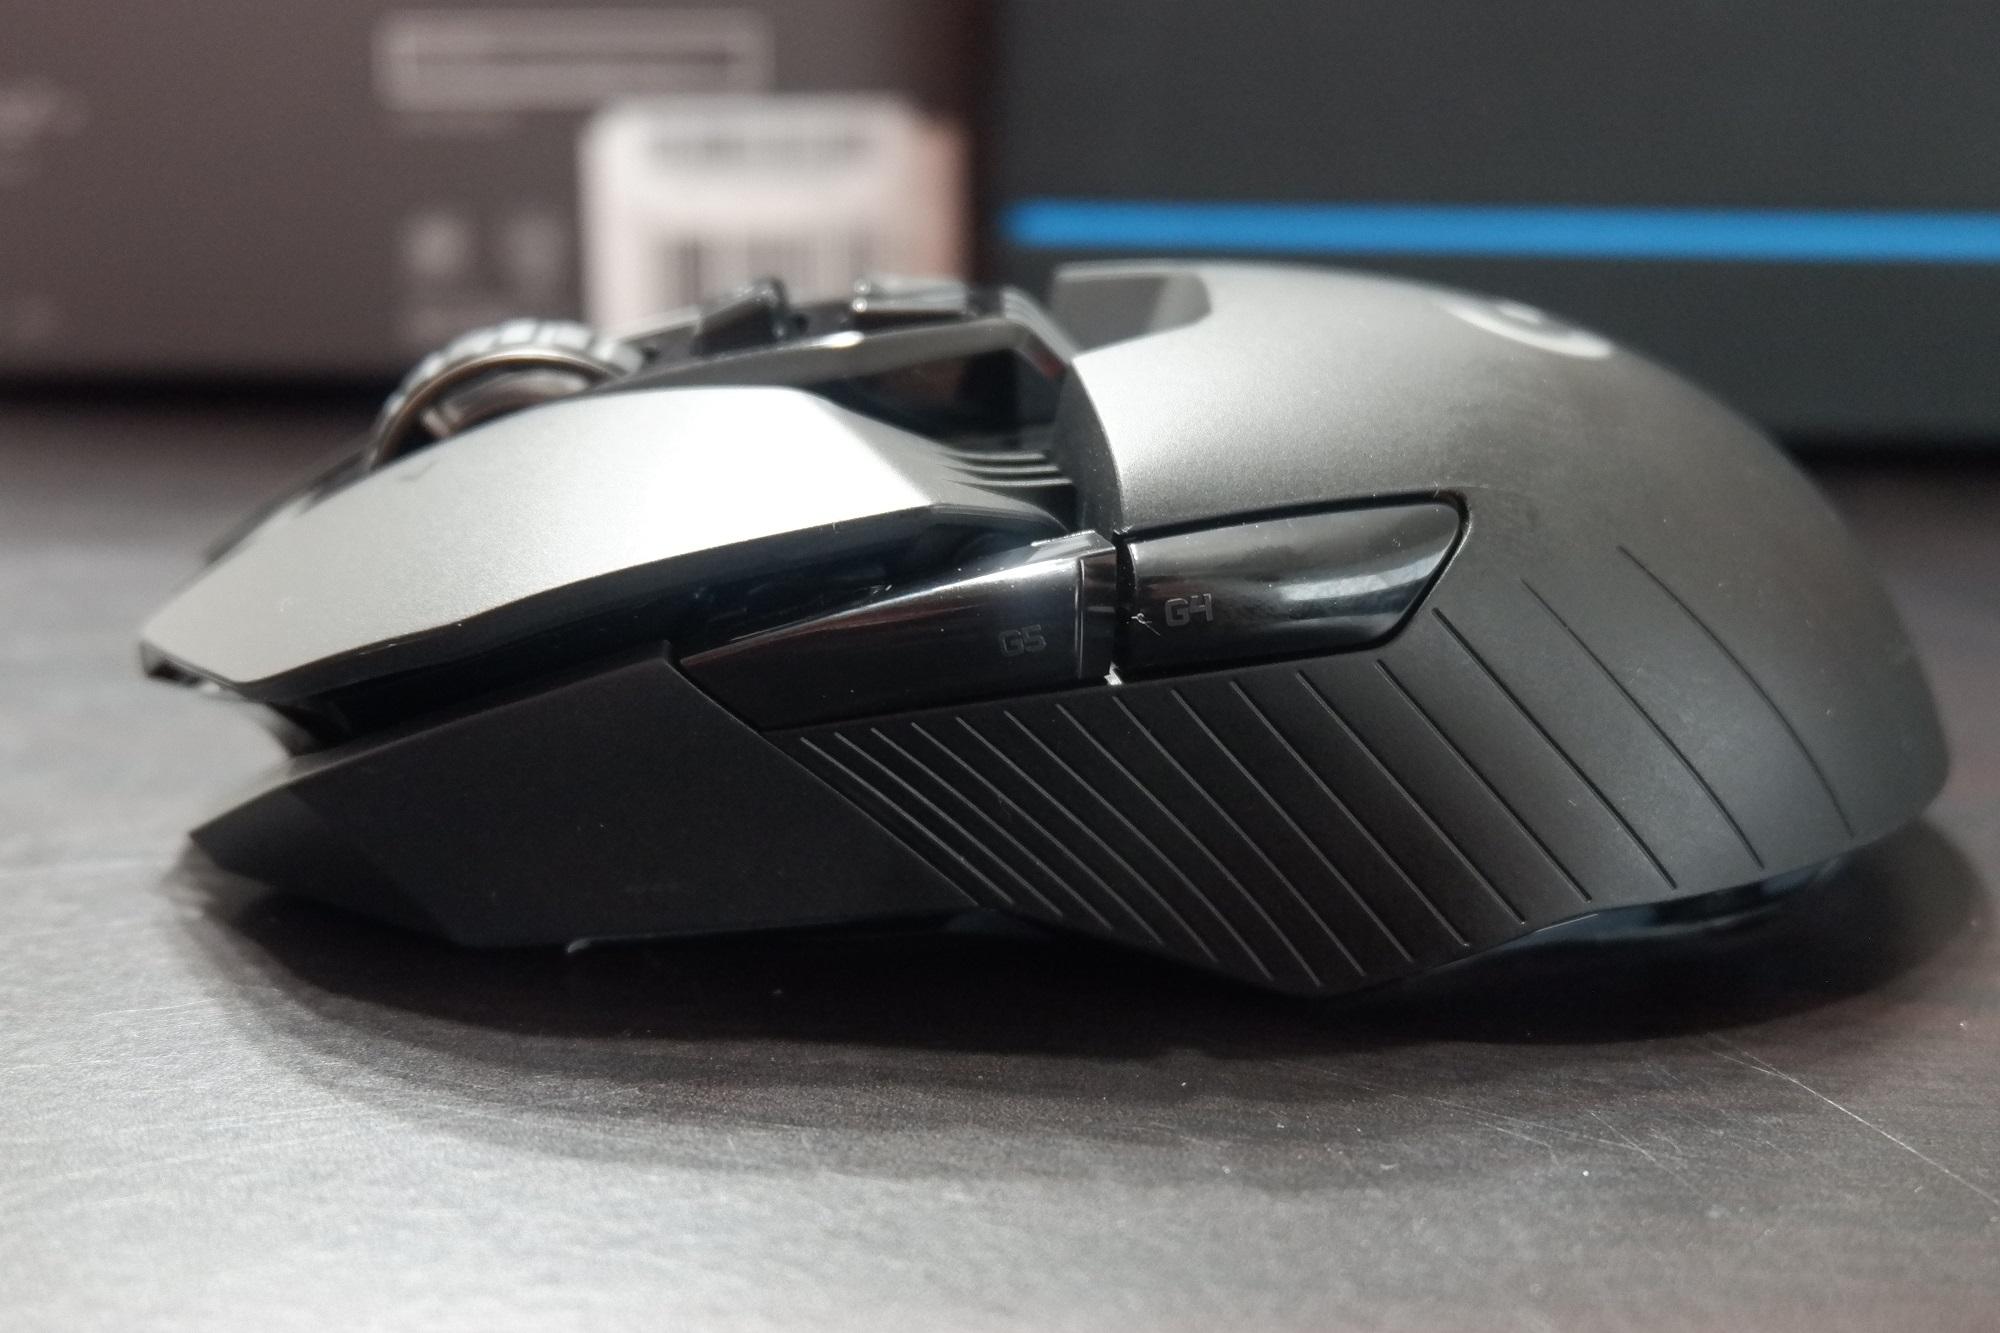 G903 - 左側面